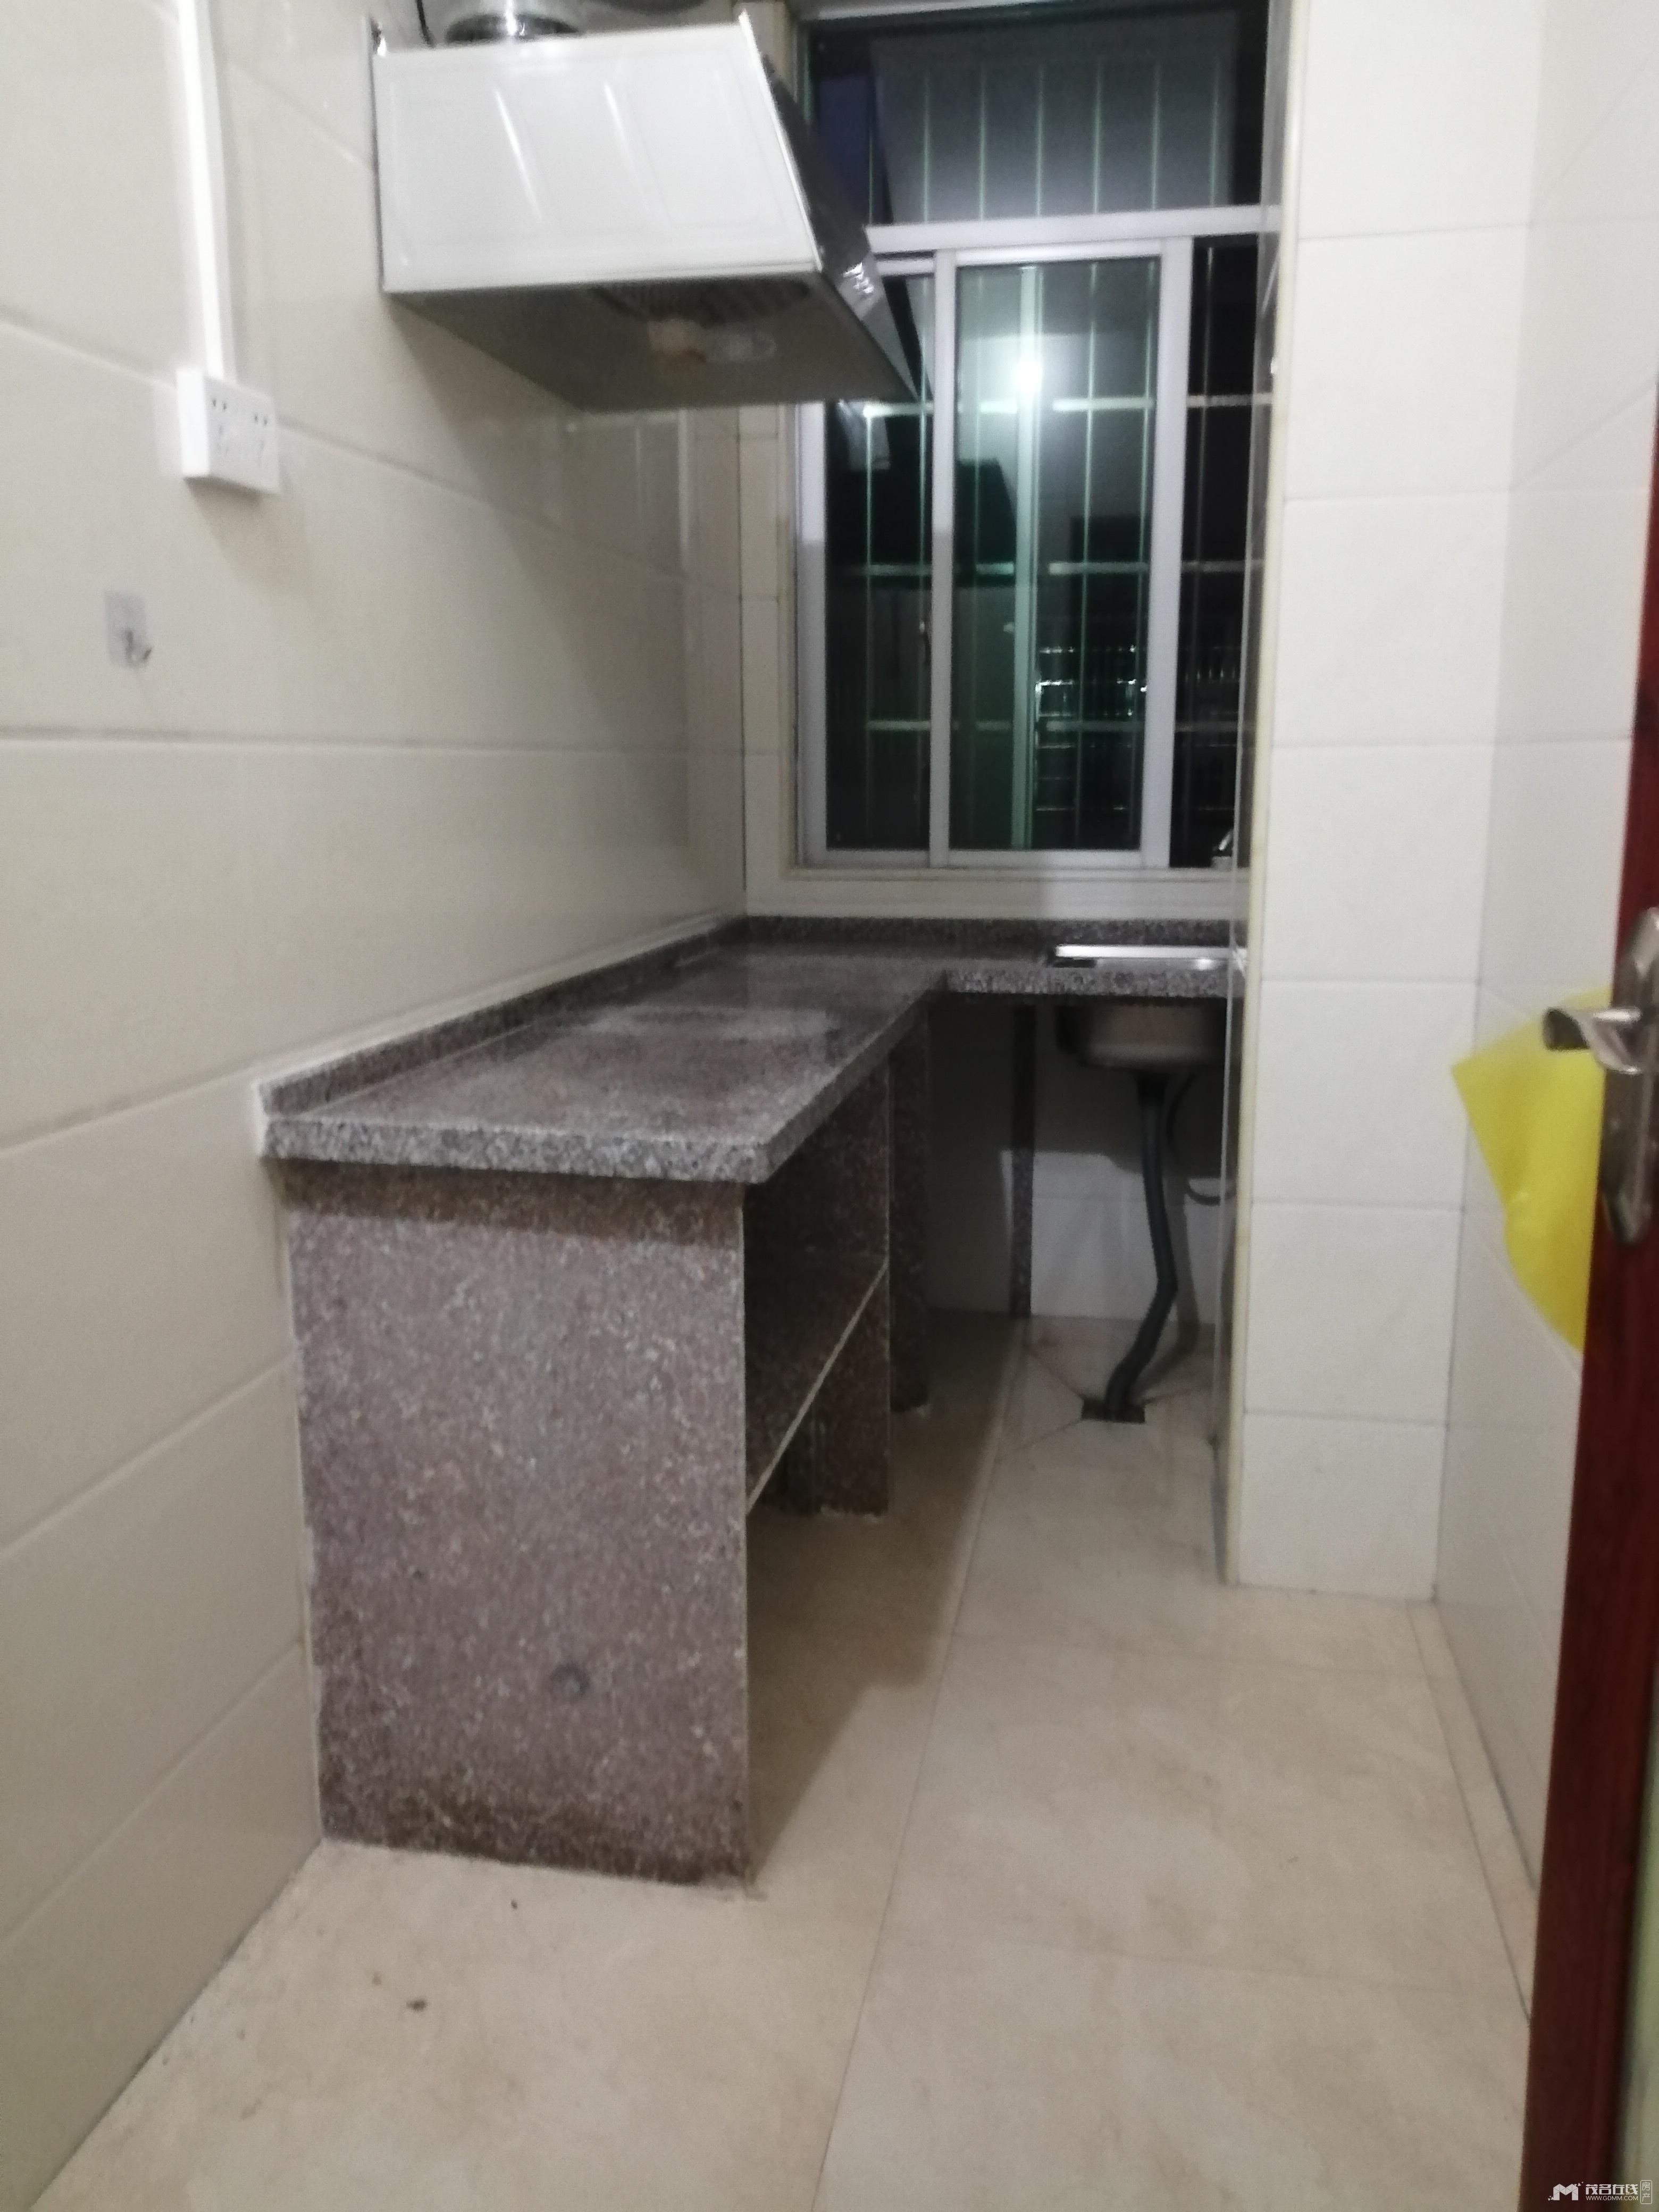 财富世家回迁房,2房1厅1卫,精装,有一张床,空调,油烟机,热水器,800元/月